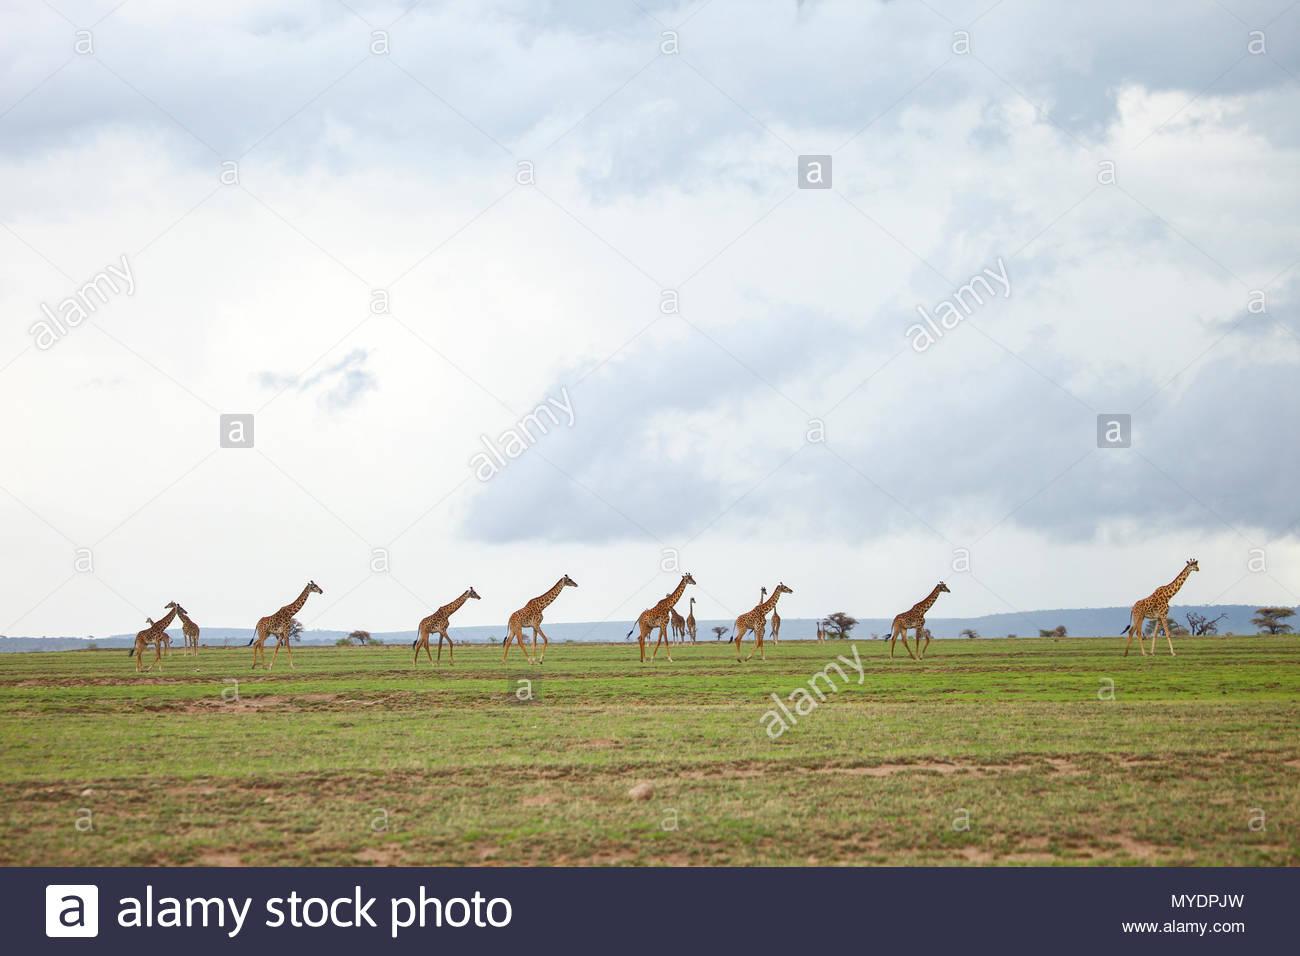 Eine Herde von Masai giraffe Spaziergang über die Serengeti Plains. Stockbild